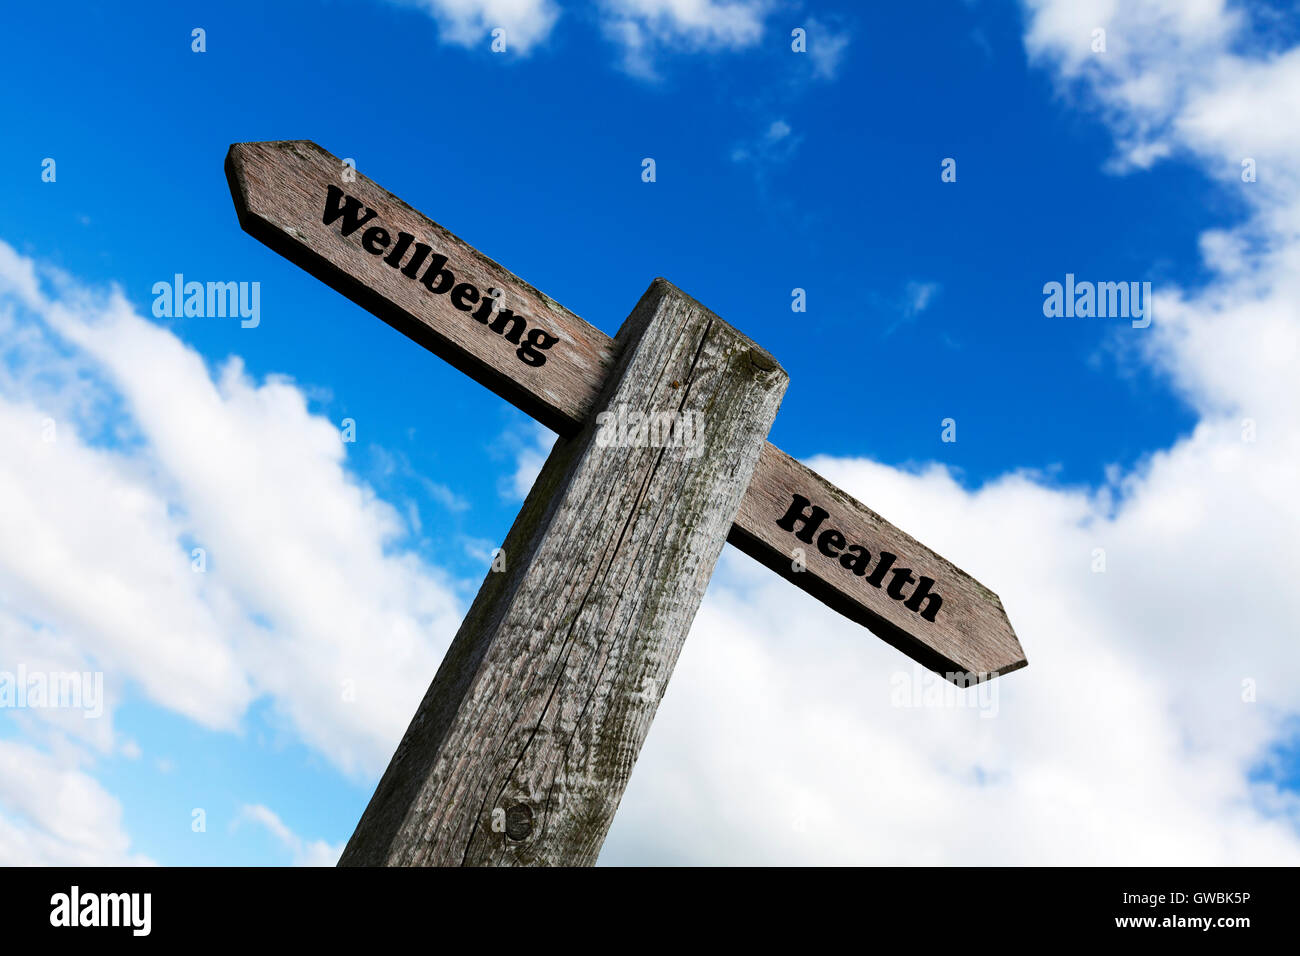 Santé Bien-être en bonne santé mentale Santé mentale direction signe mots sens choix options Photo Stock